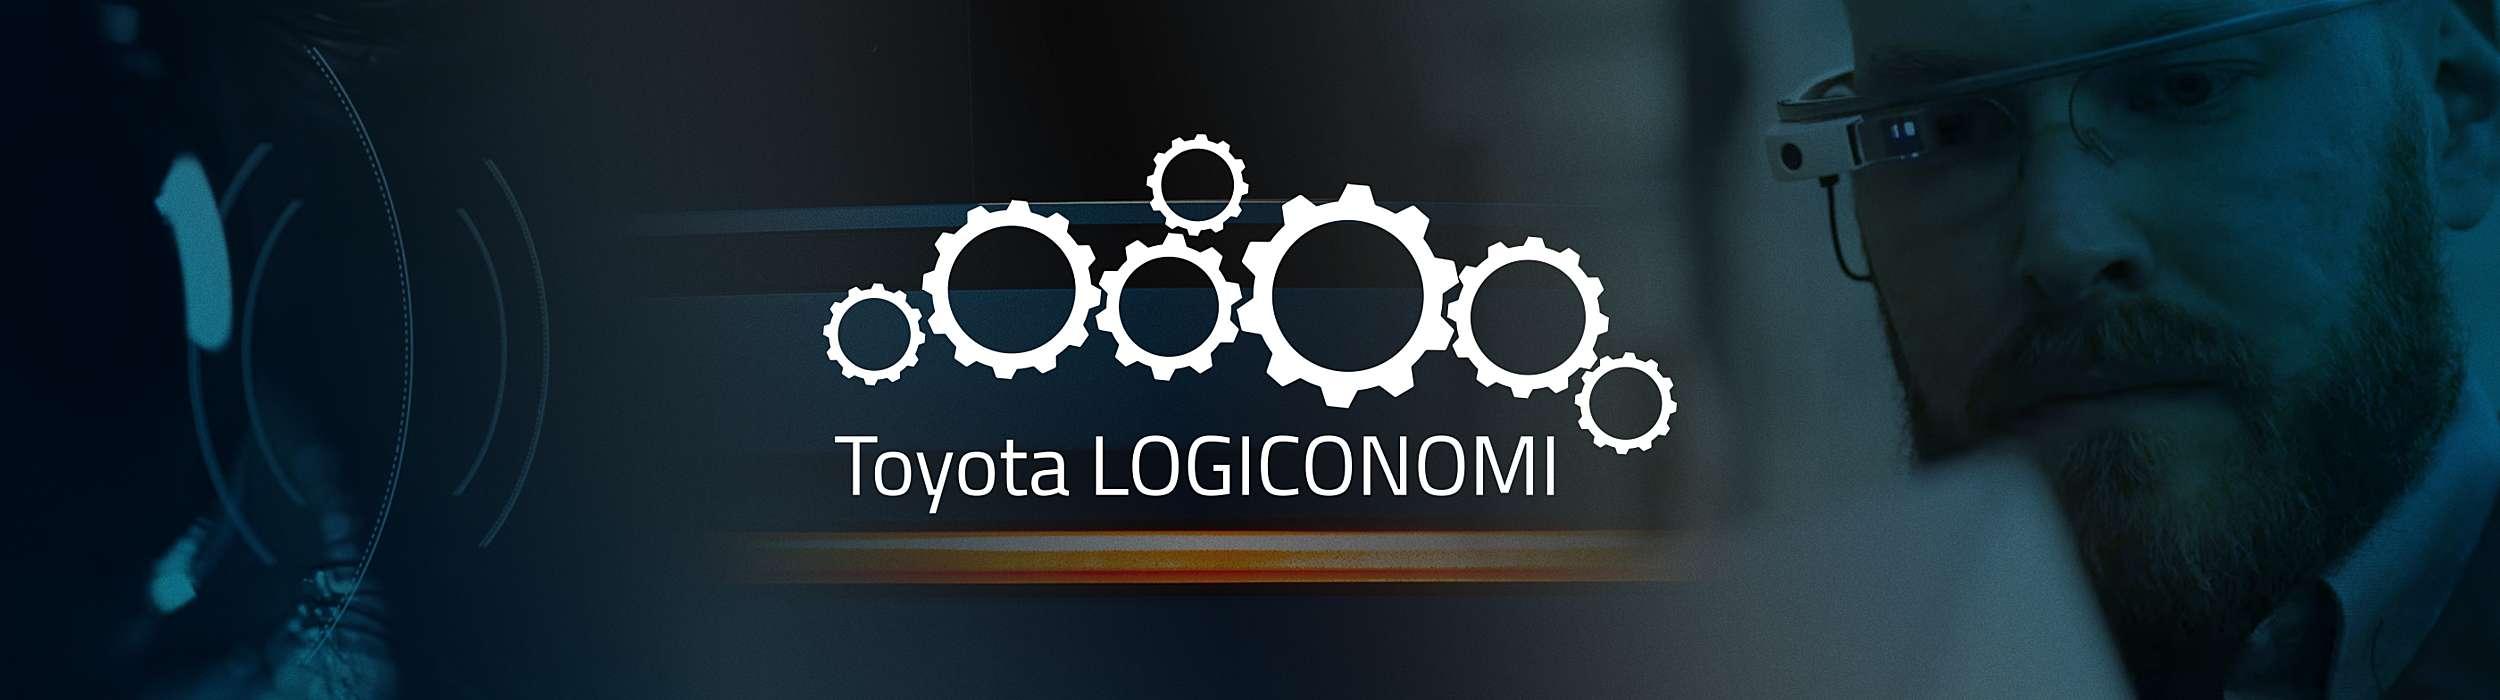 imagen abstracta con logo logiconomi